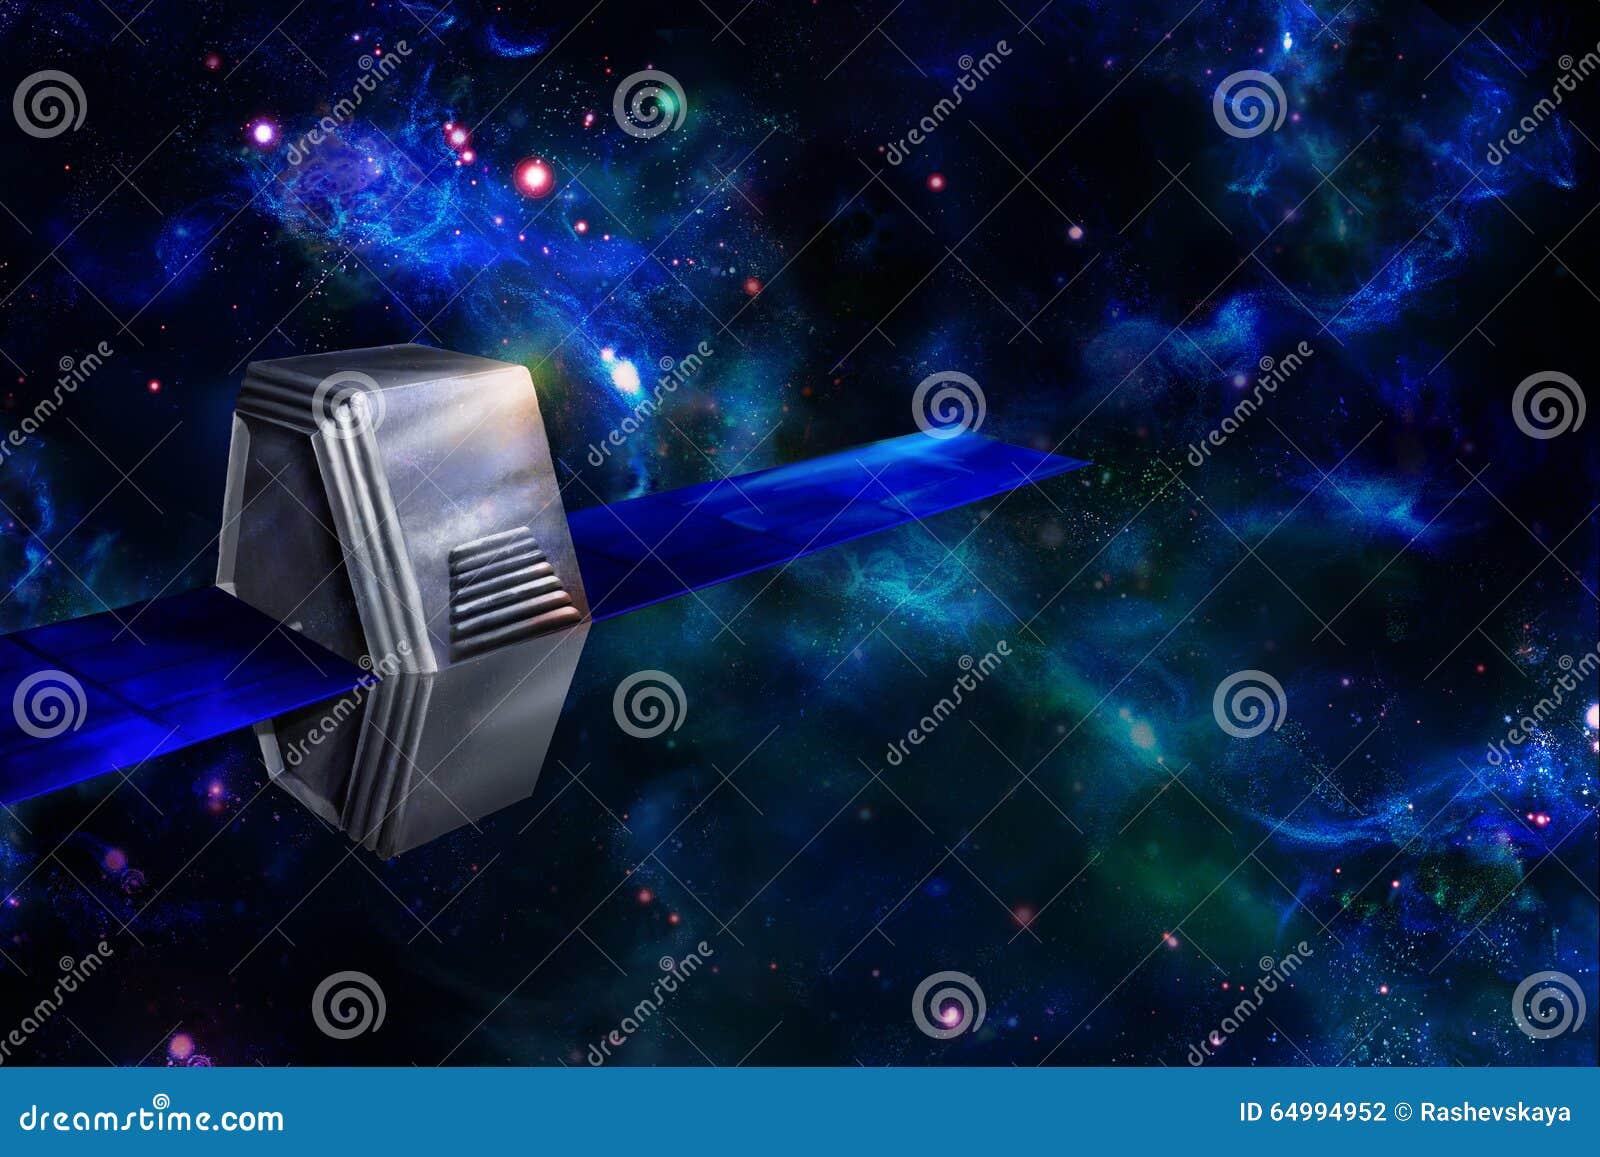 人造卫星或航天器在空间